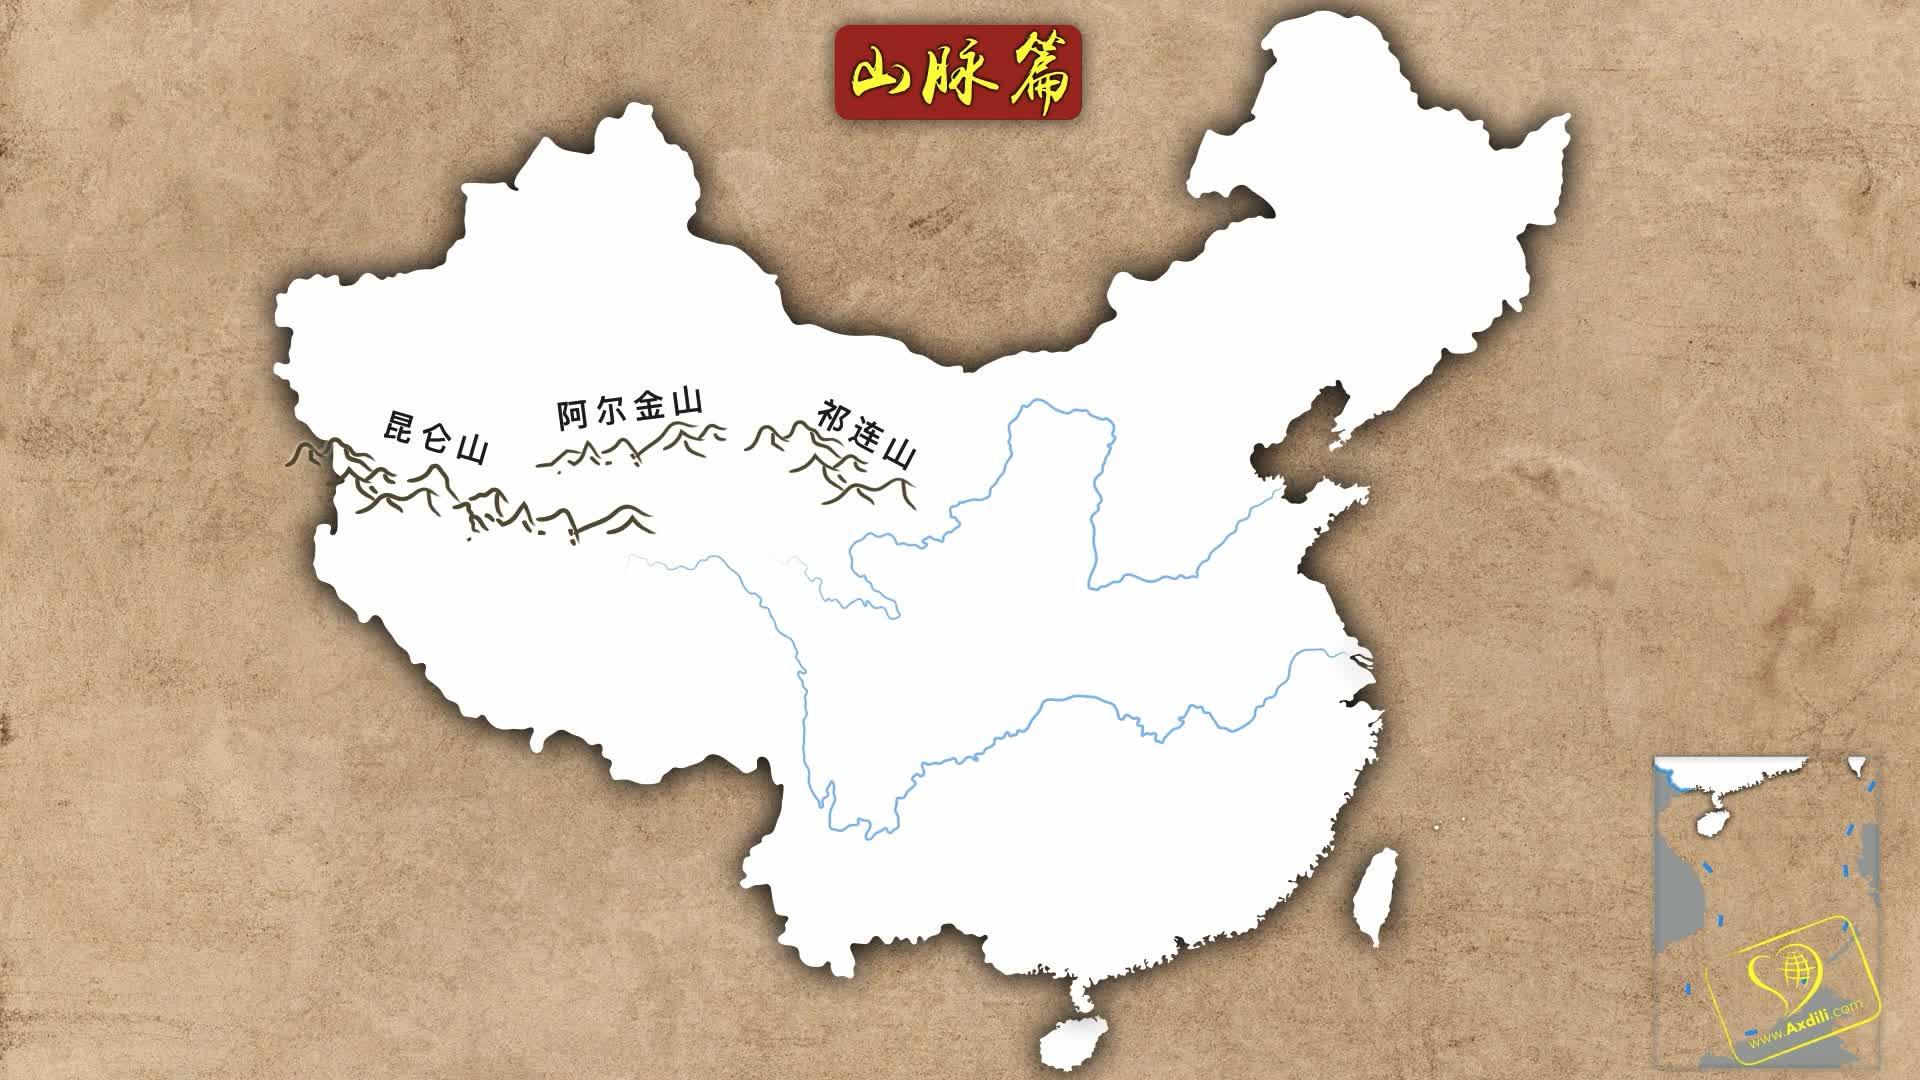 微课 中国地形山脉篇-高中 地理  必修三【爱学地理】视频